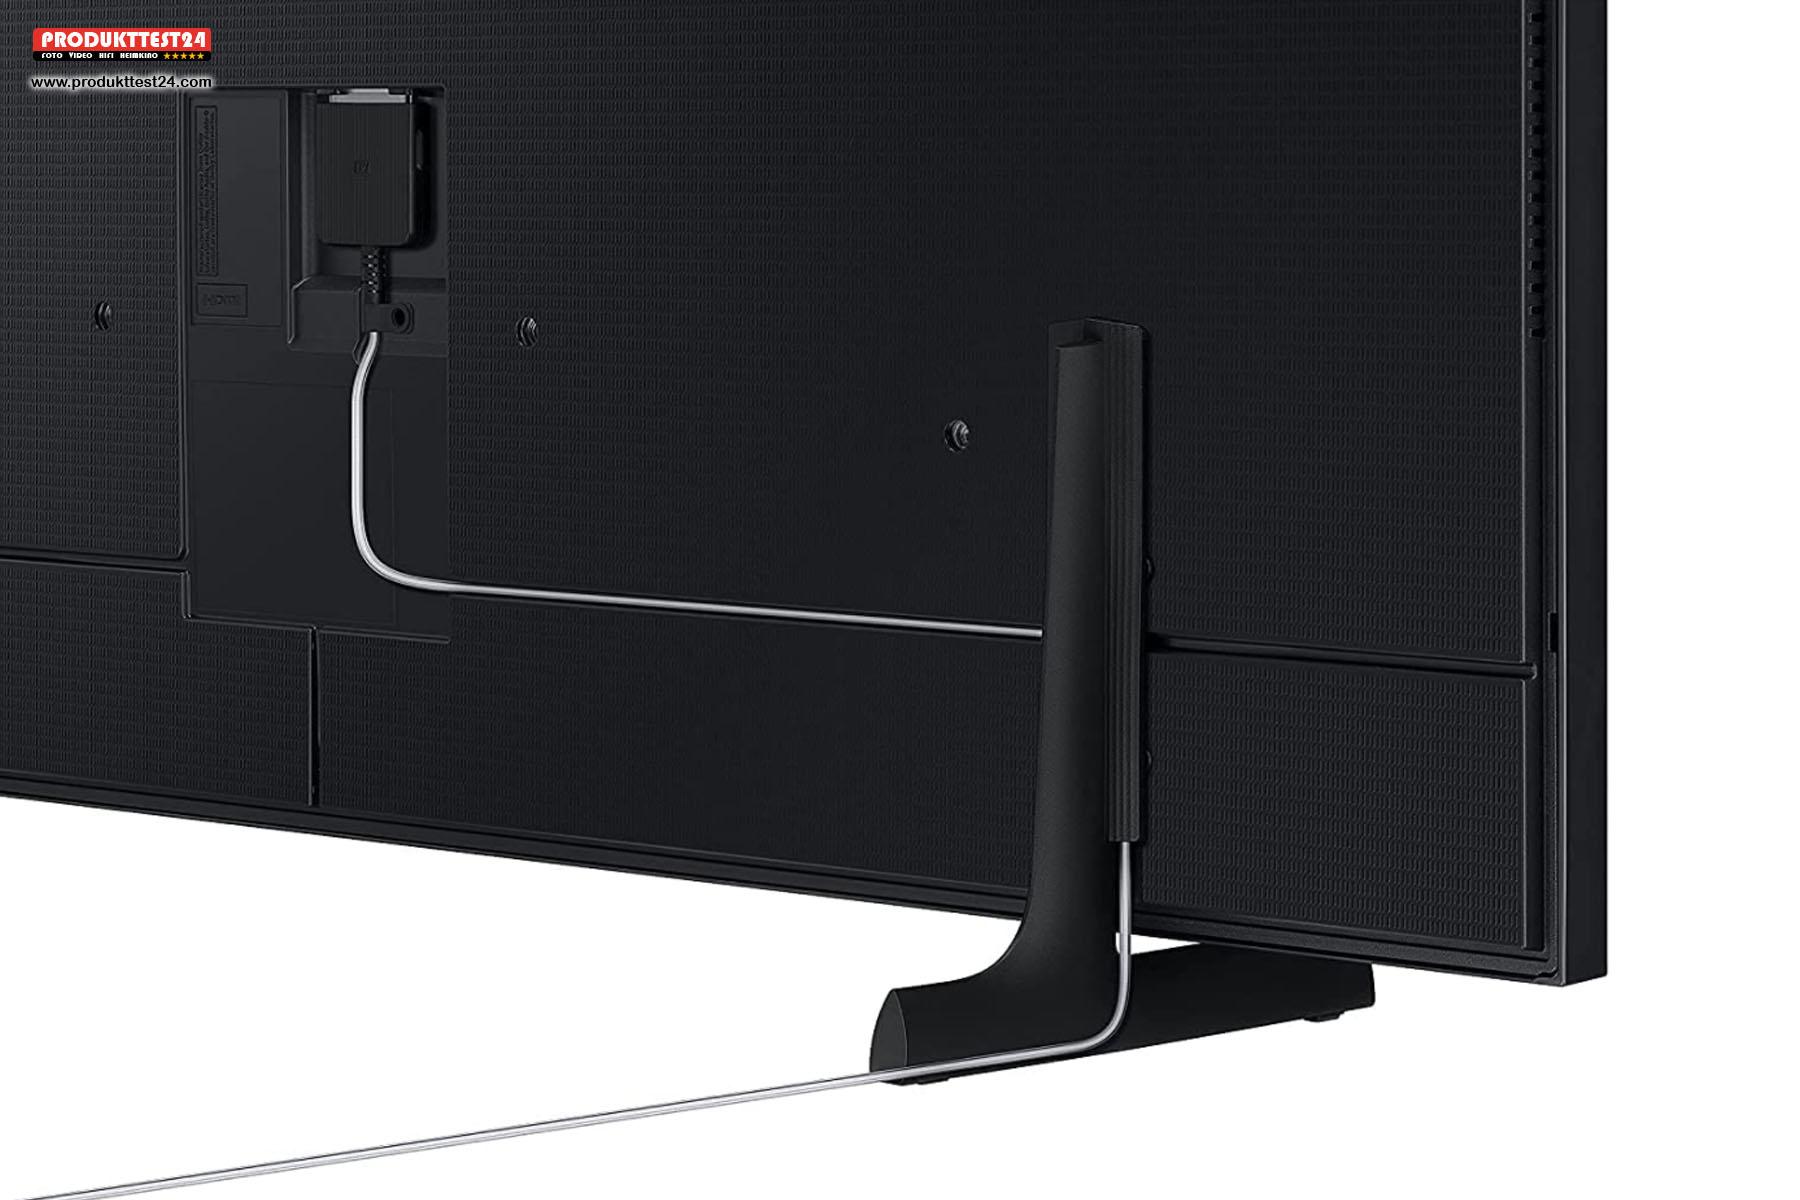 Die One-Connect-Box ist mit einem dünnen Kabel mit dem Fernseher verbunden.